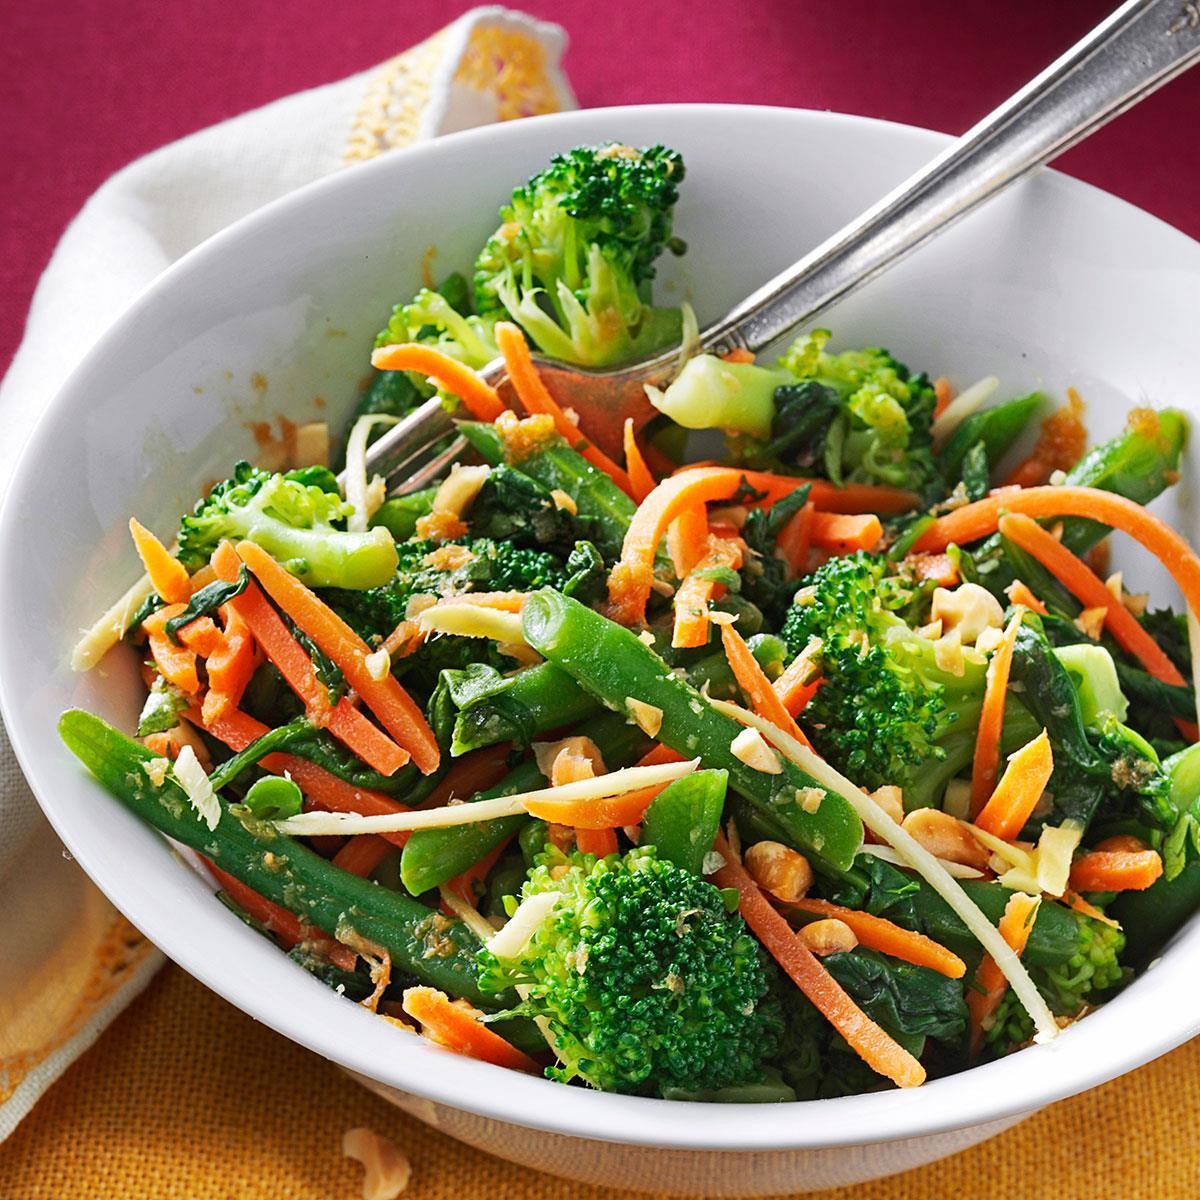 Ginger-Sesame Steamed Vegetable Salad Recipe